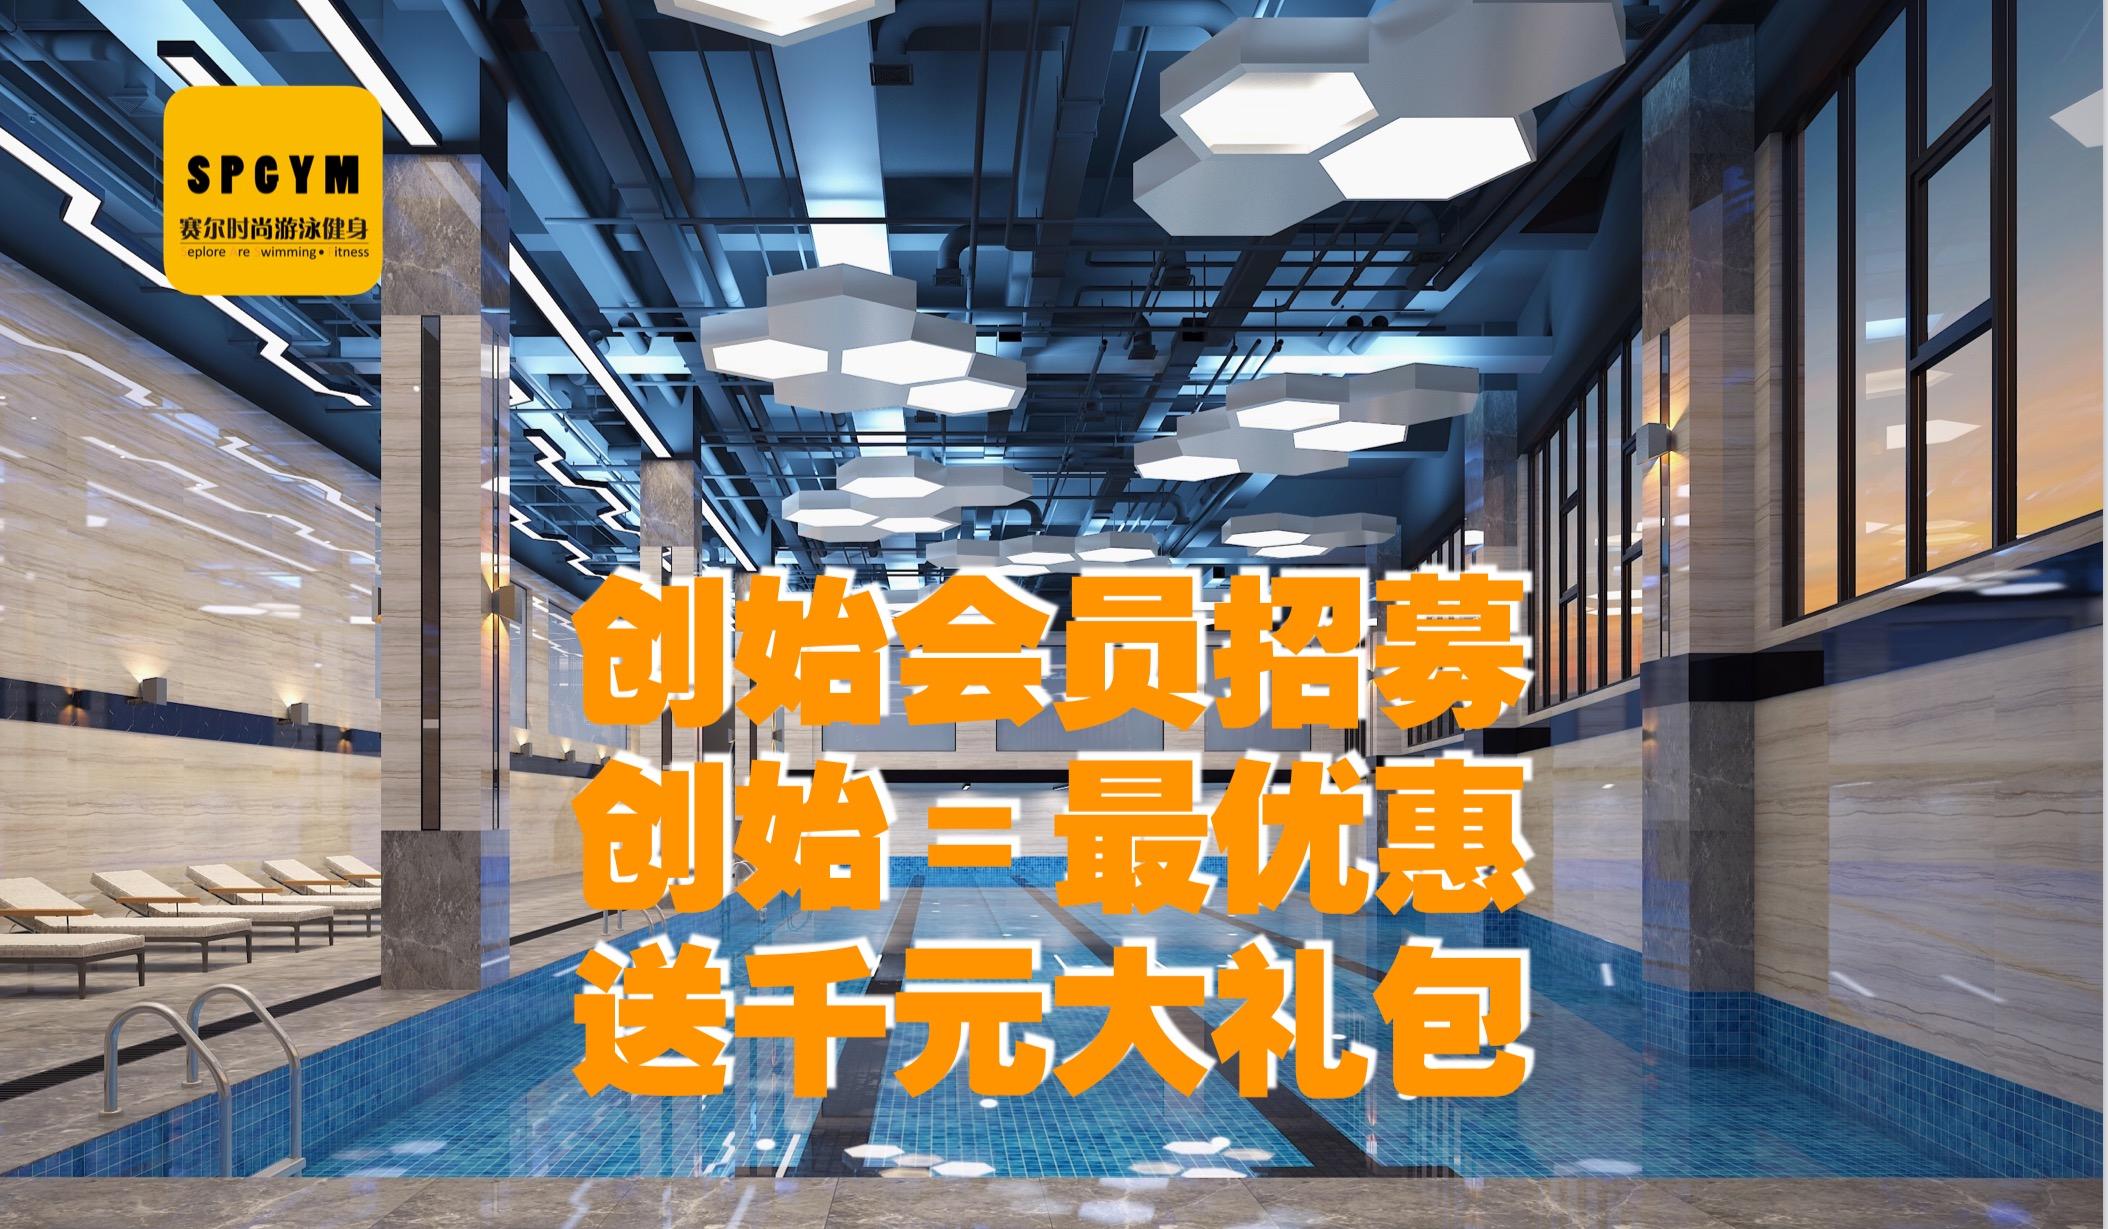 赛尔时尚游泳健身·大方店创始会员招募,6折优惠!送千元大礼包!